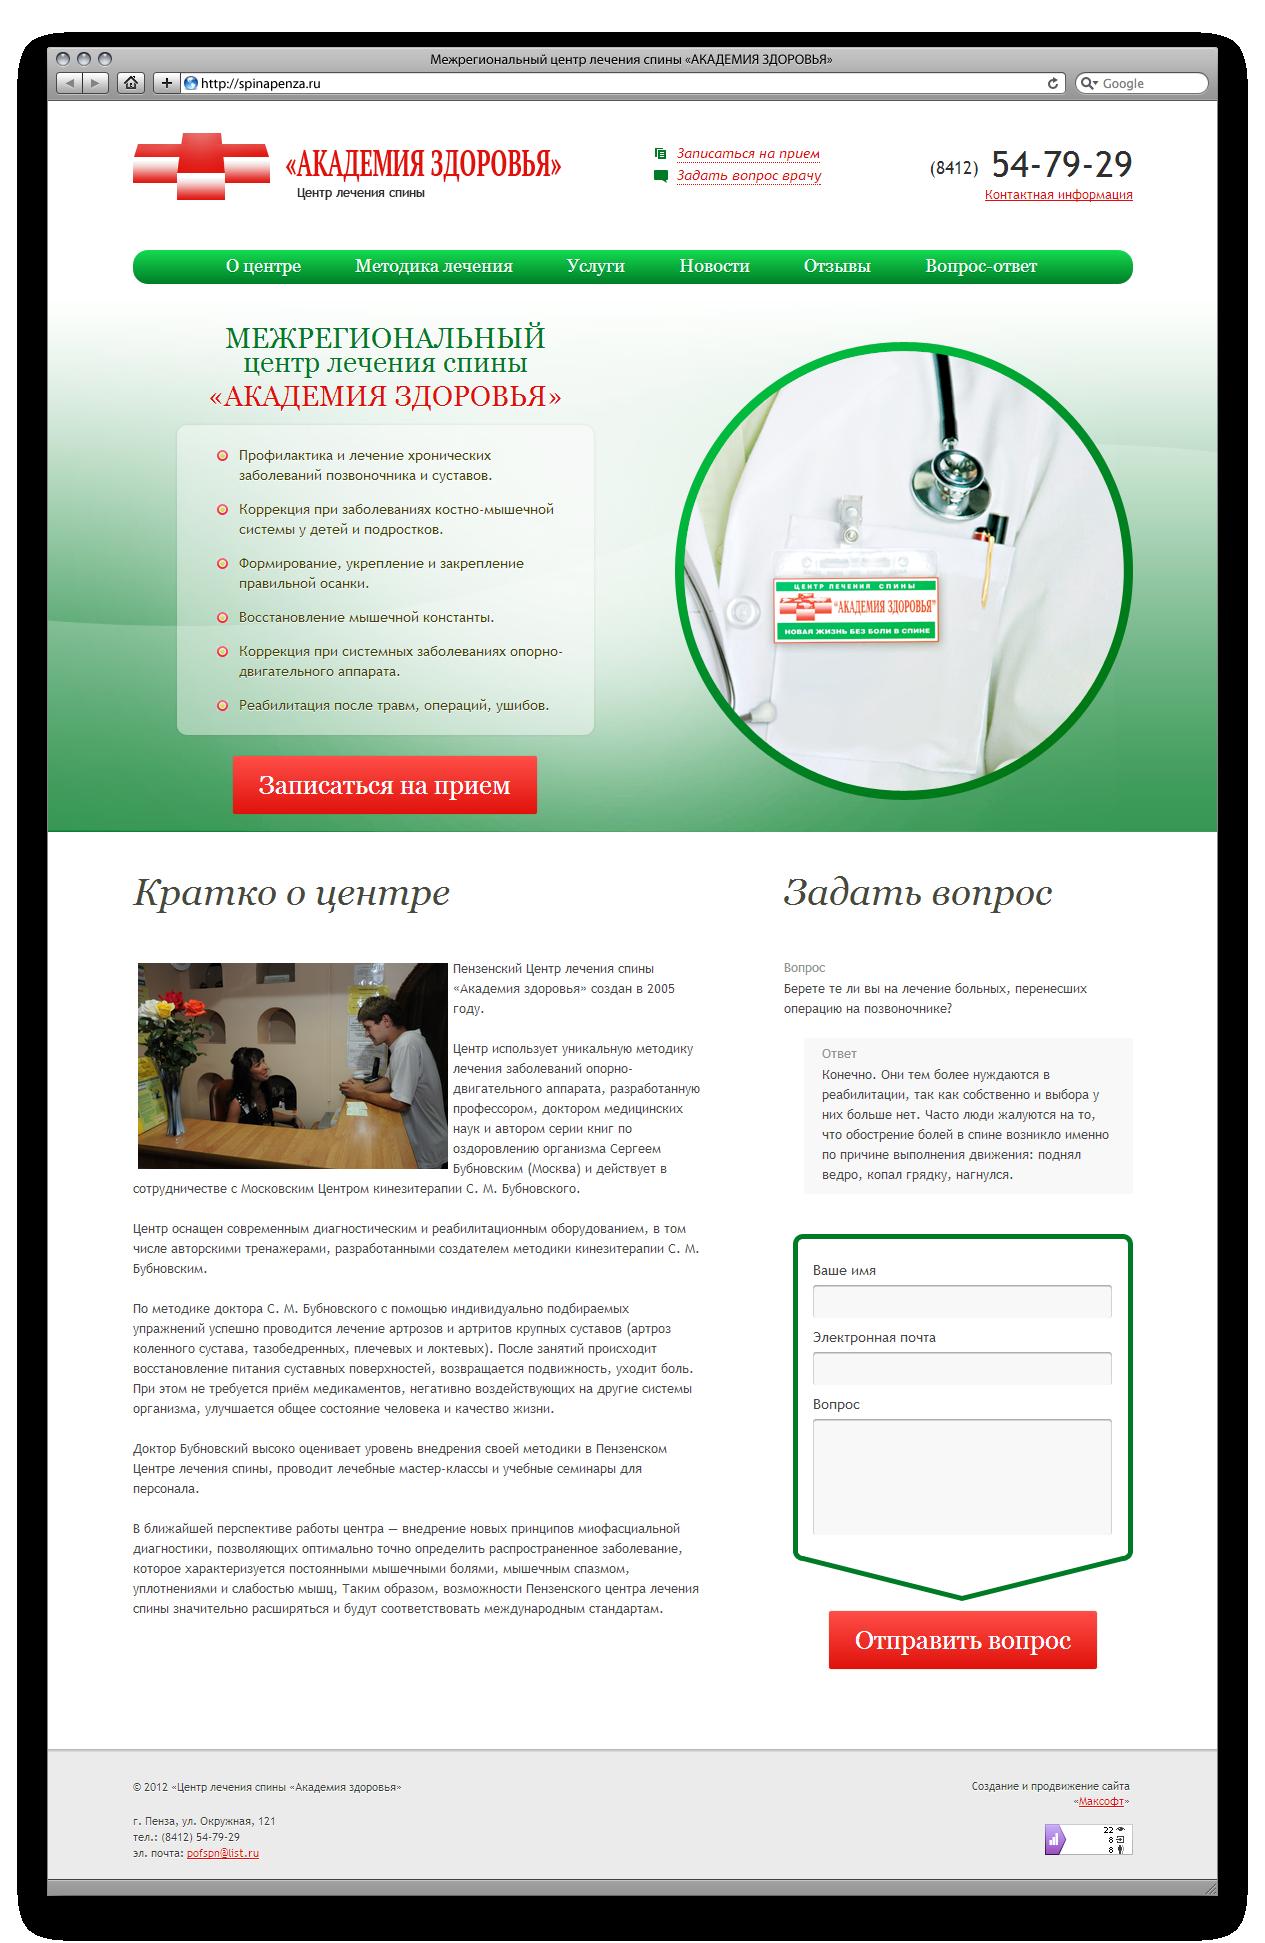 Межрегиональный центр лечения спины «Академия здоровья»